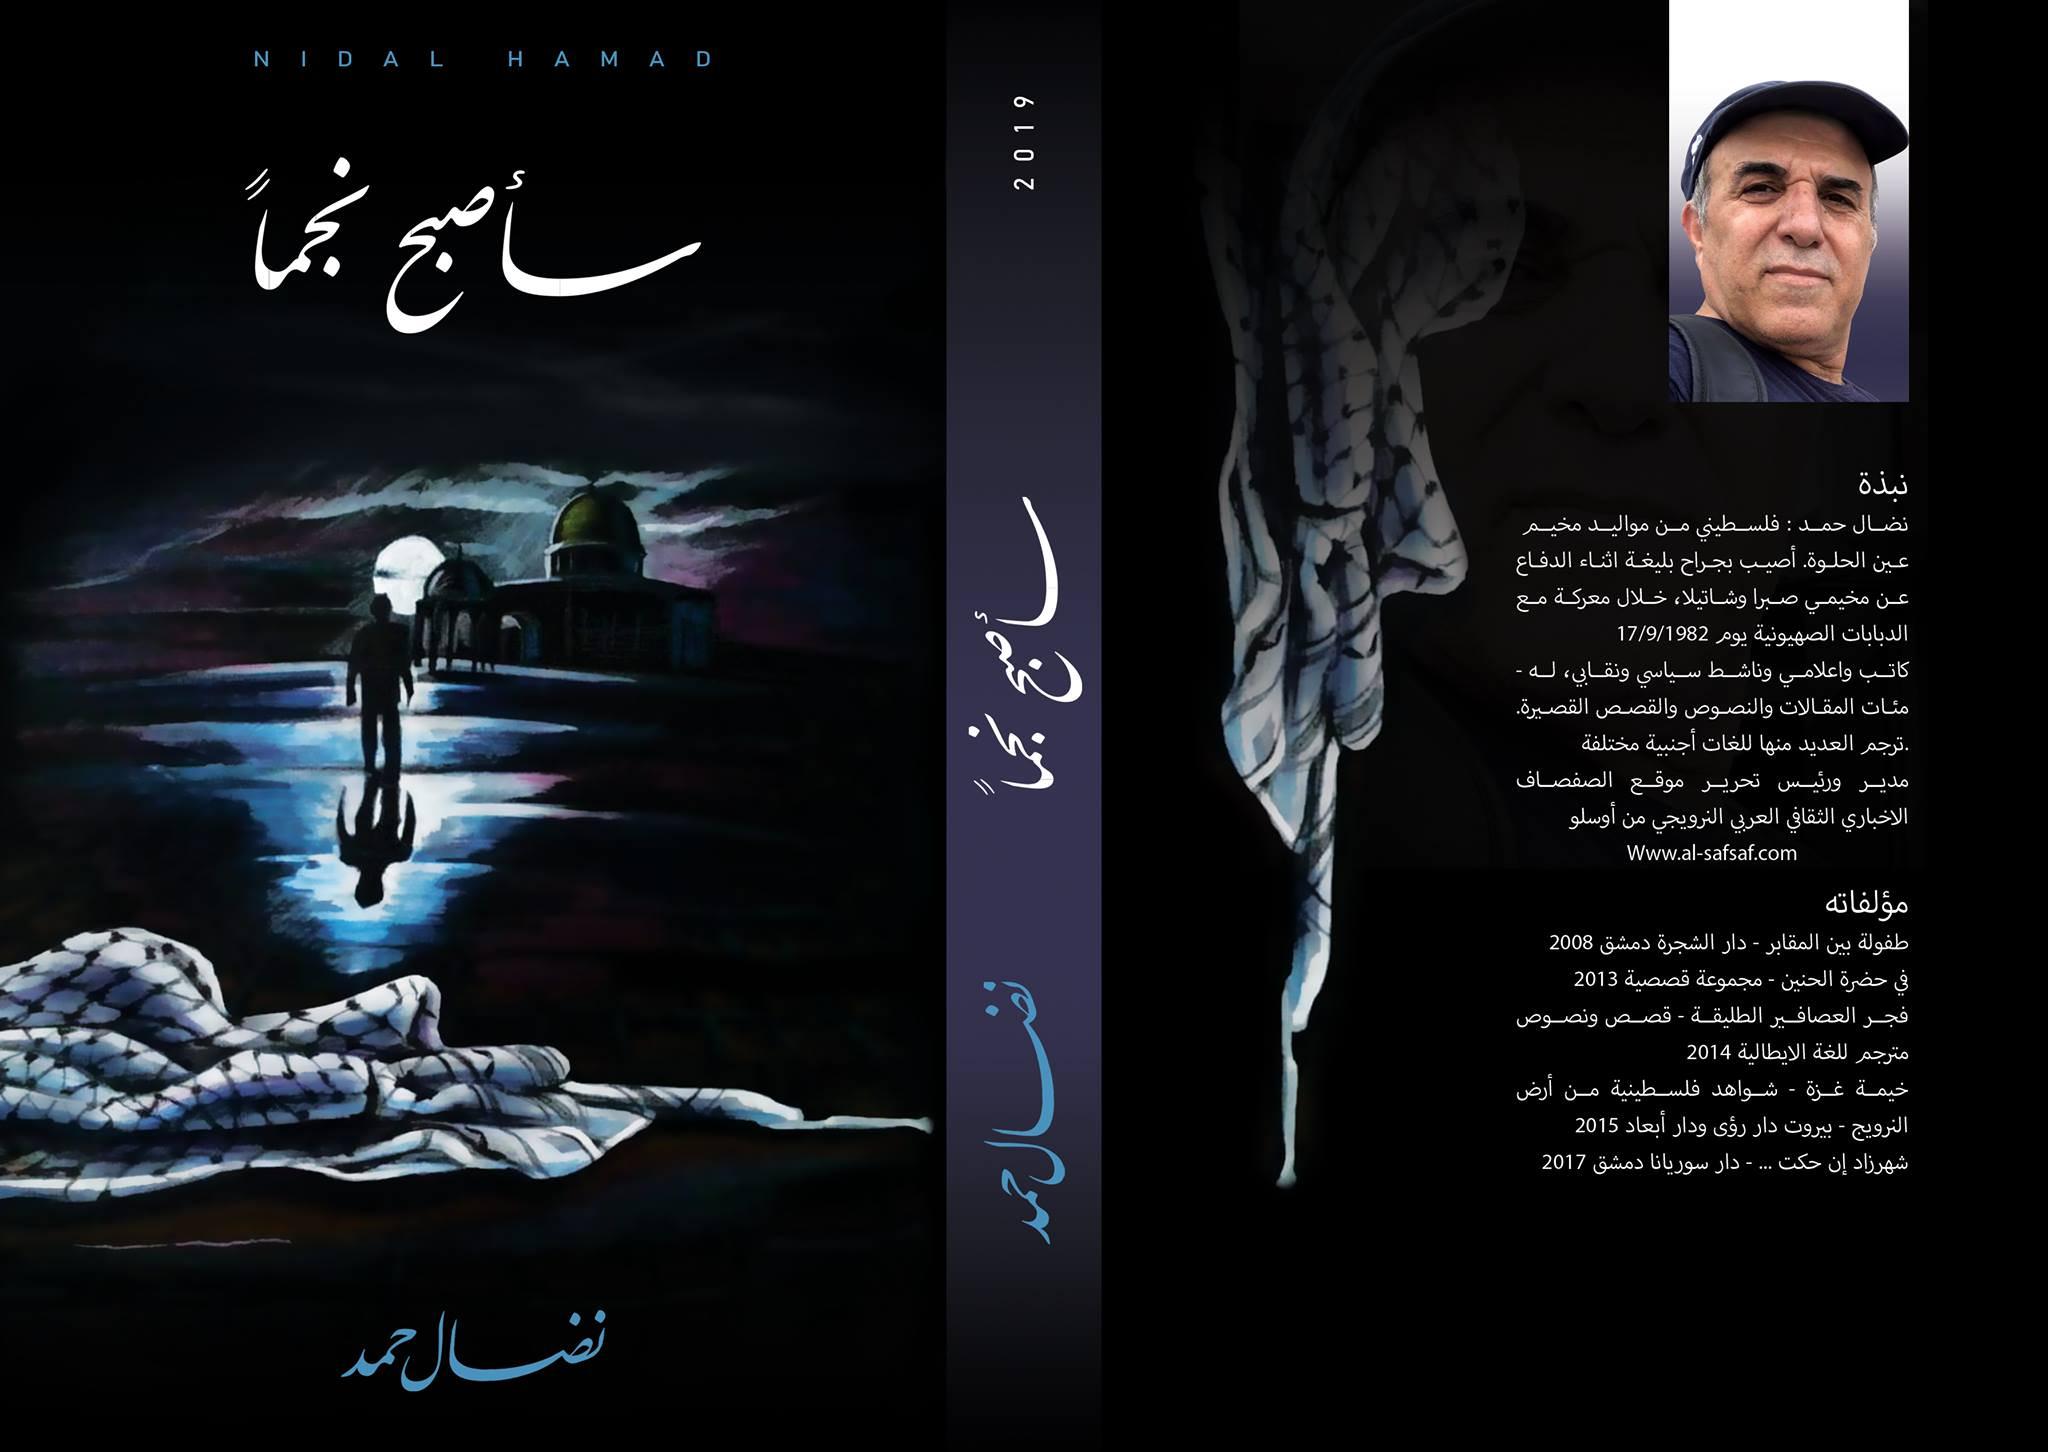 قريبا في دمشق سيصدر كتاب جديد لنضال حمد بعنوان || سأصبح نجماً